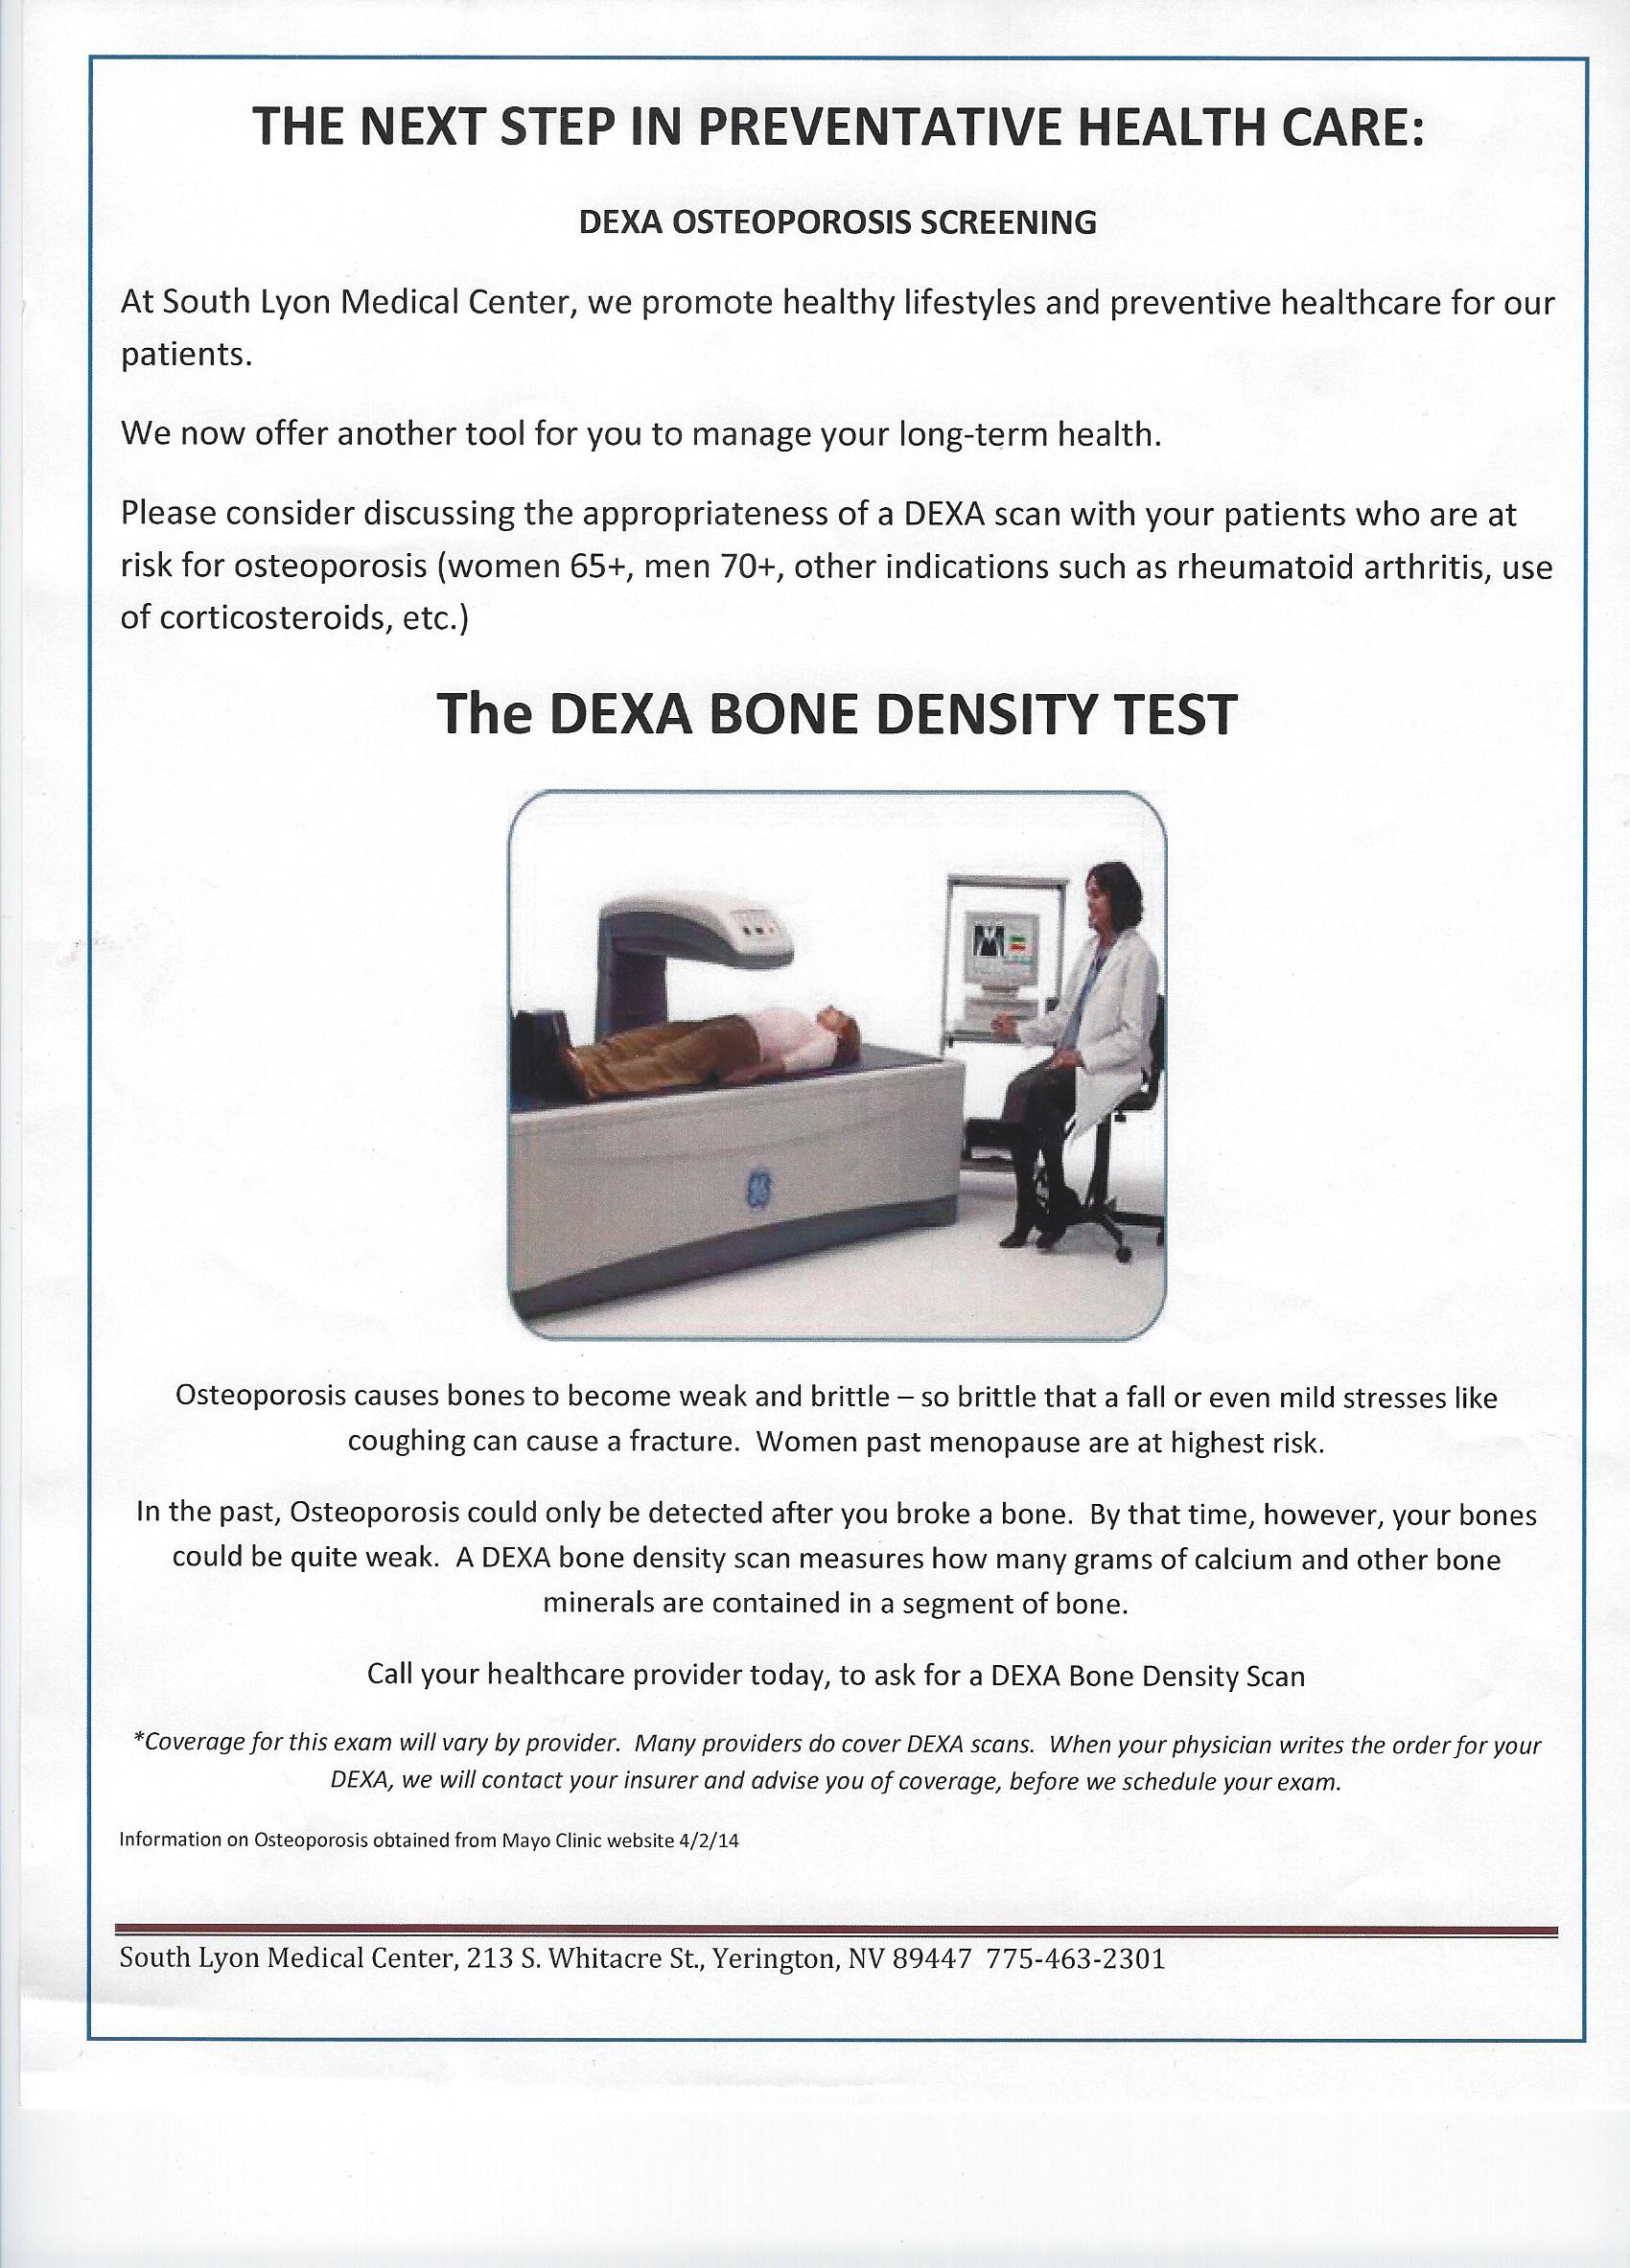 DEXA 001